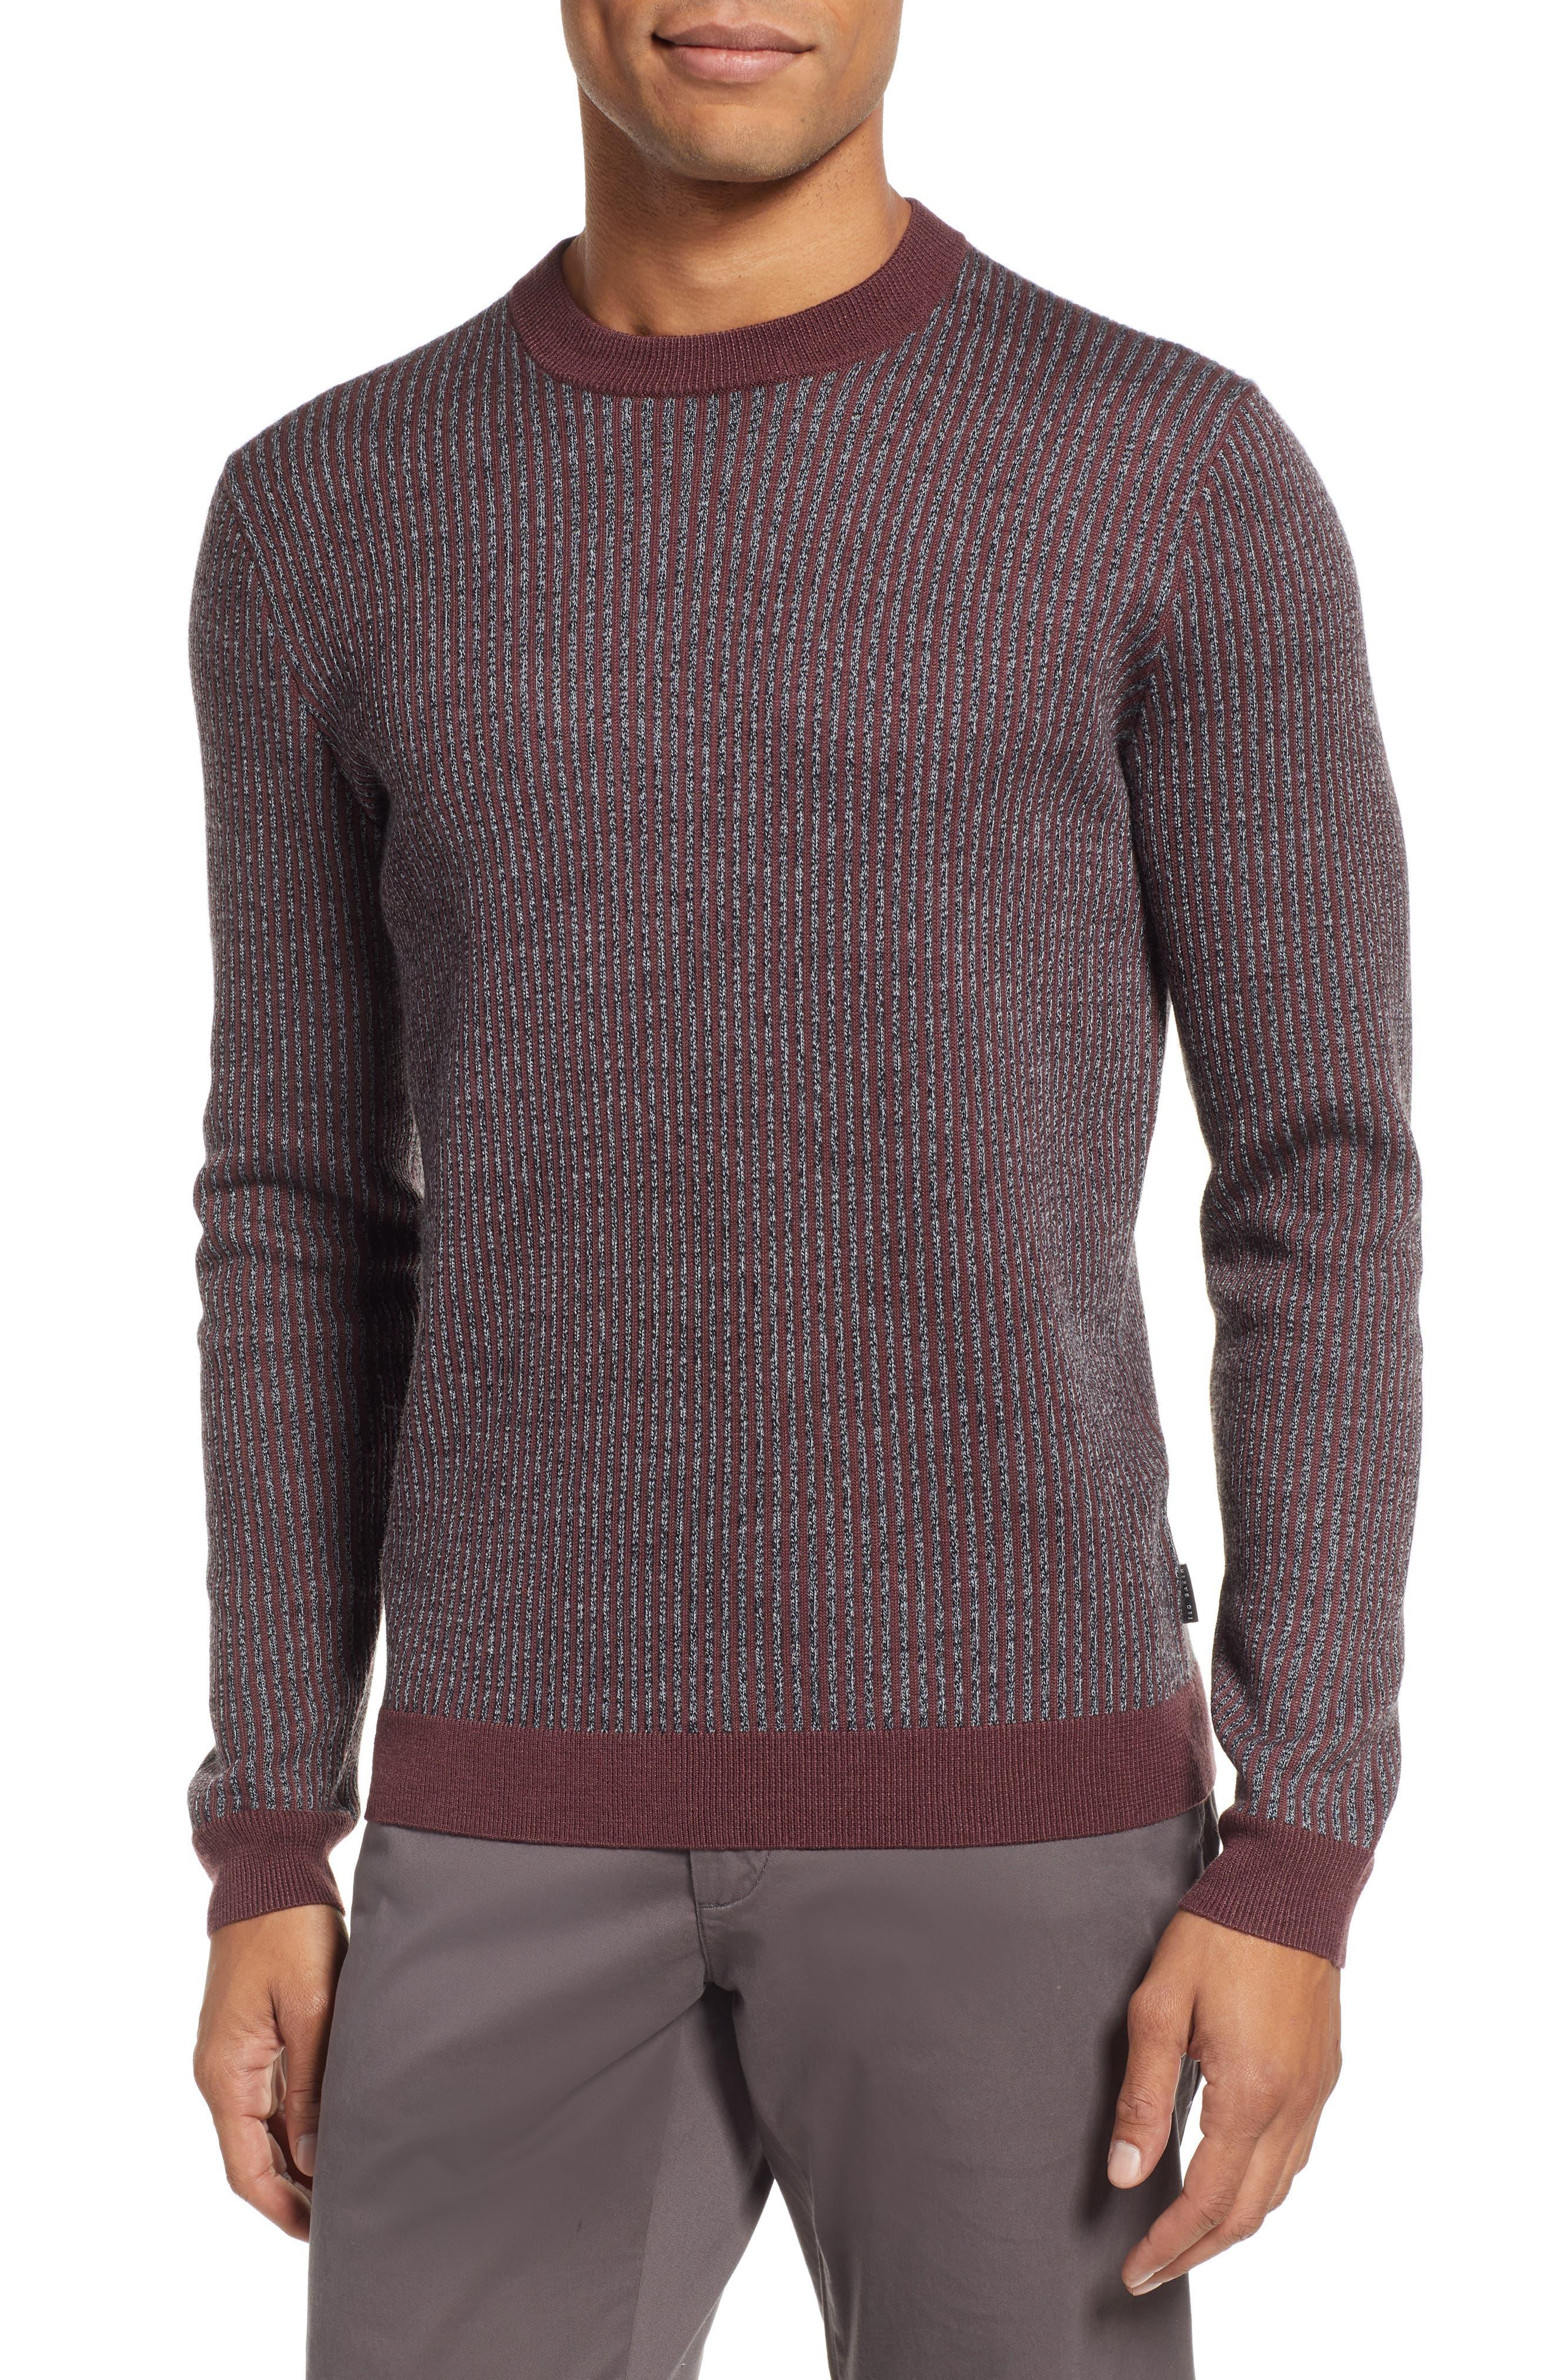 Jinxitt Crewneck Sweater,                             Main thumbnail 1, color,                             DEEP-PINK